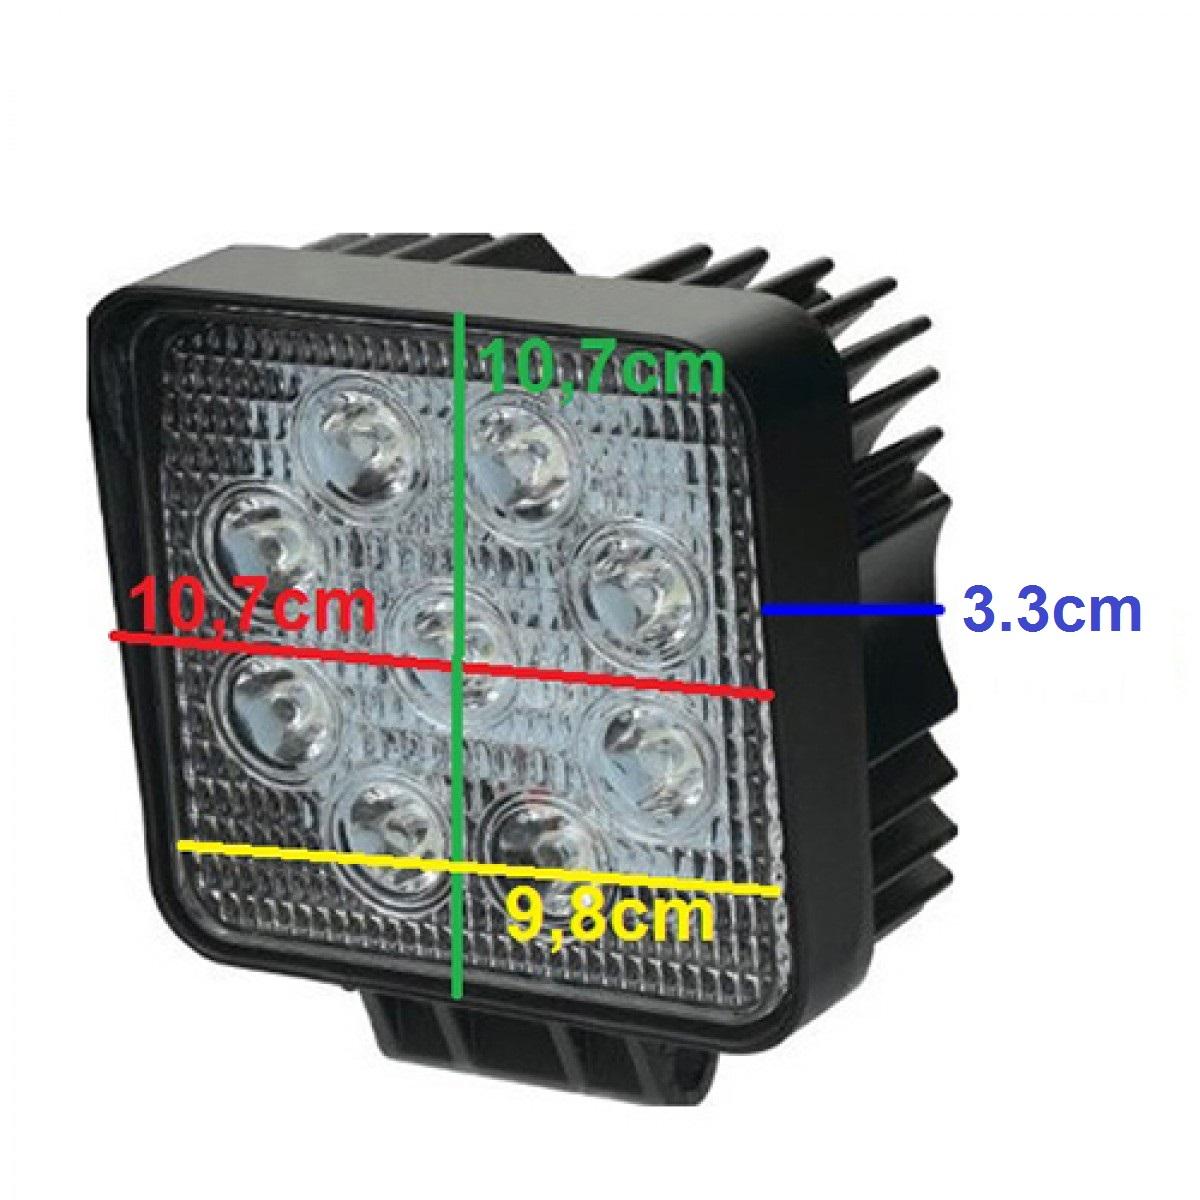 Τετράγωνος προβολέας LED 27W 30° δουλεύει από 12V έως καί 32V για βάρκες τρακτέρ φορτηγά αυτοκίνητα